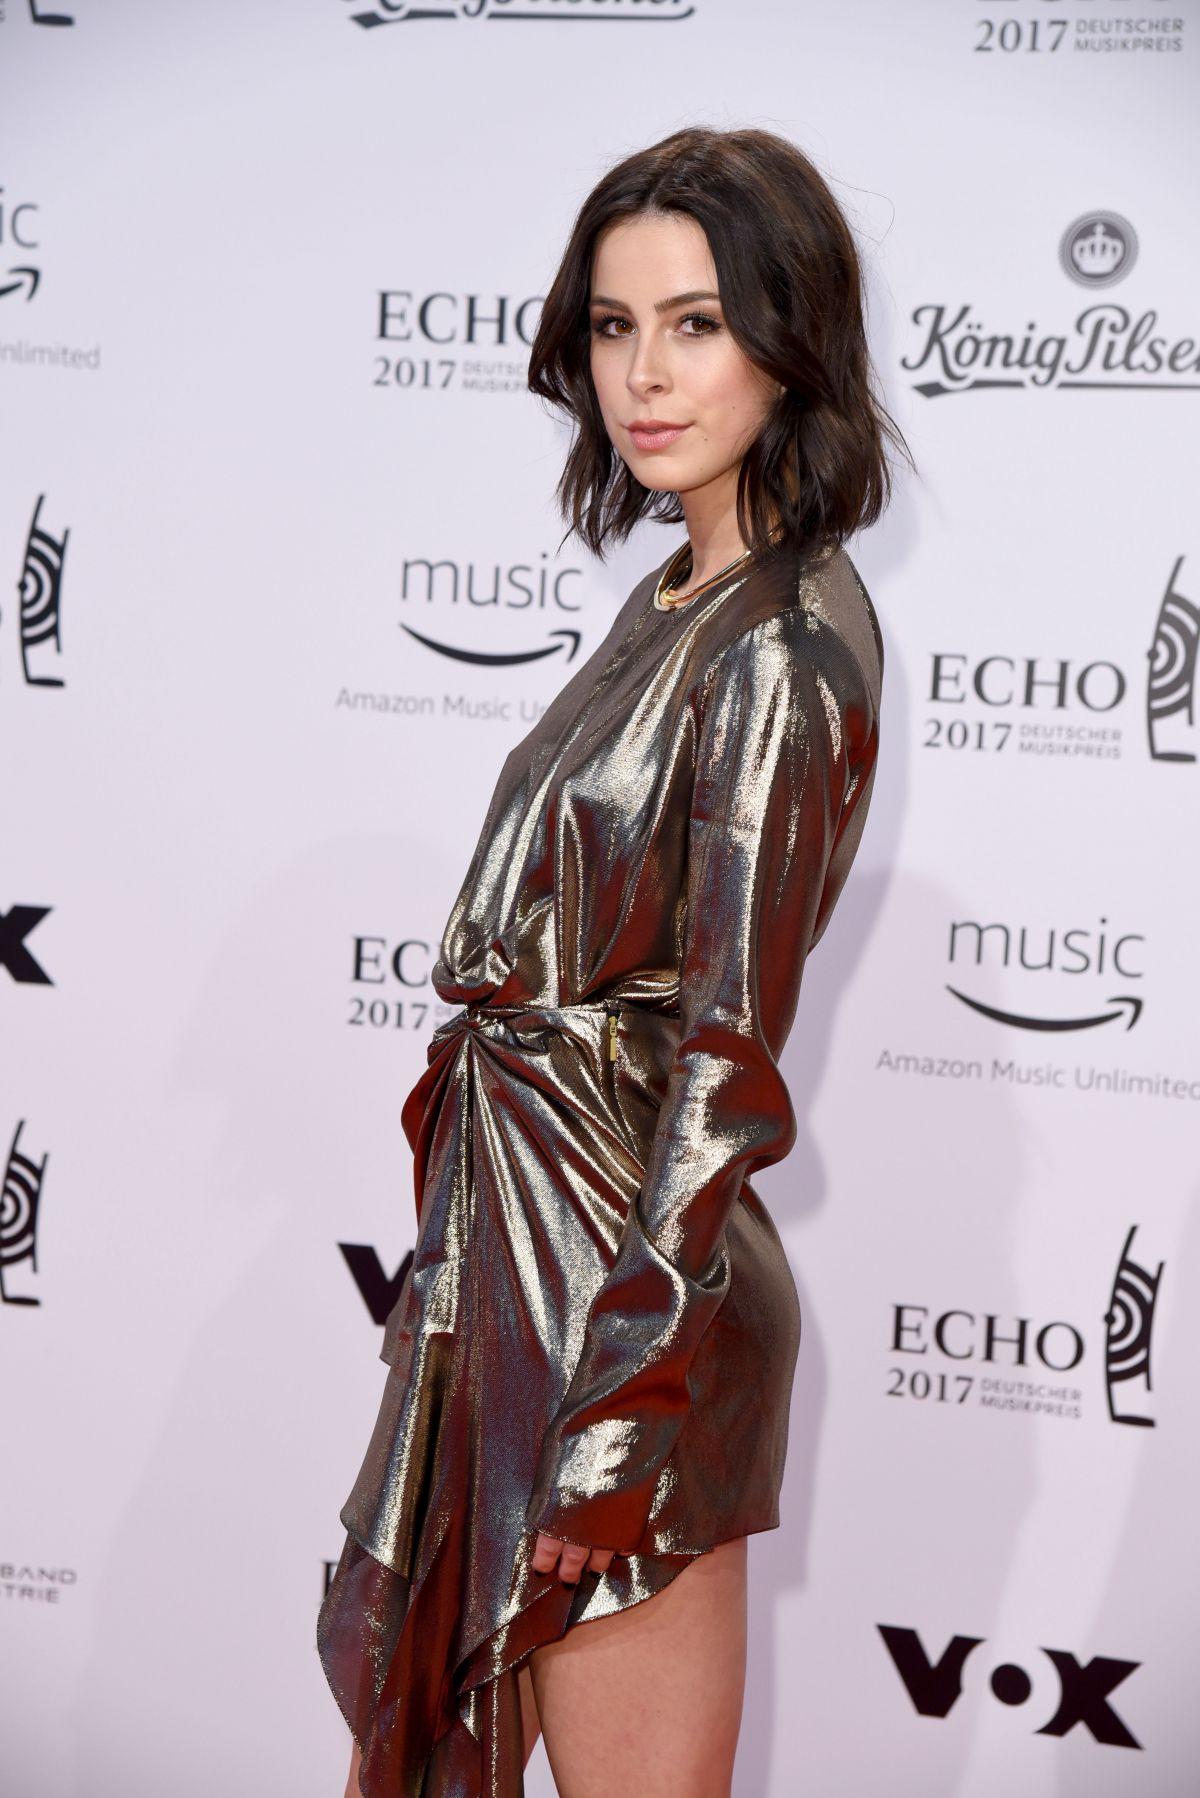 LENA MEYER-LANDRUT at Echo Music Awards in Berlin 04/06/2017